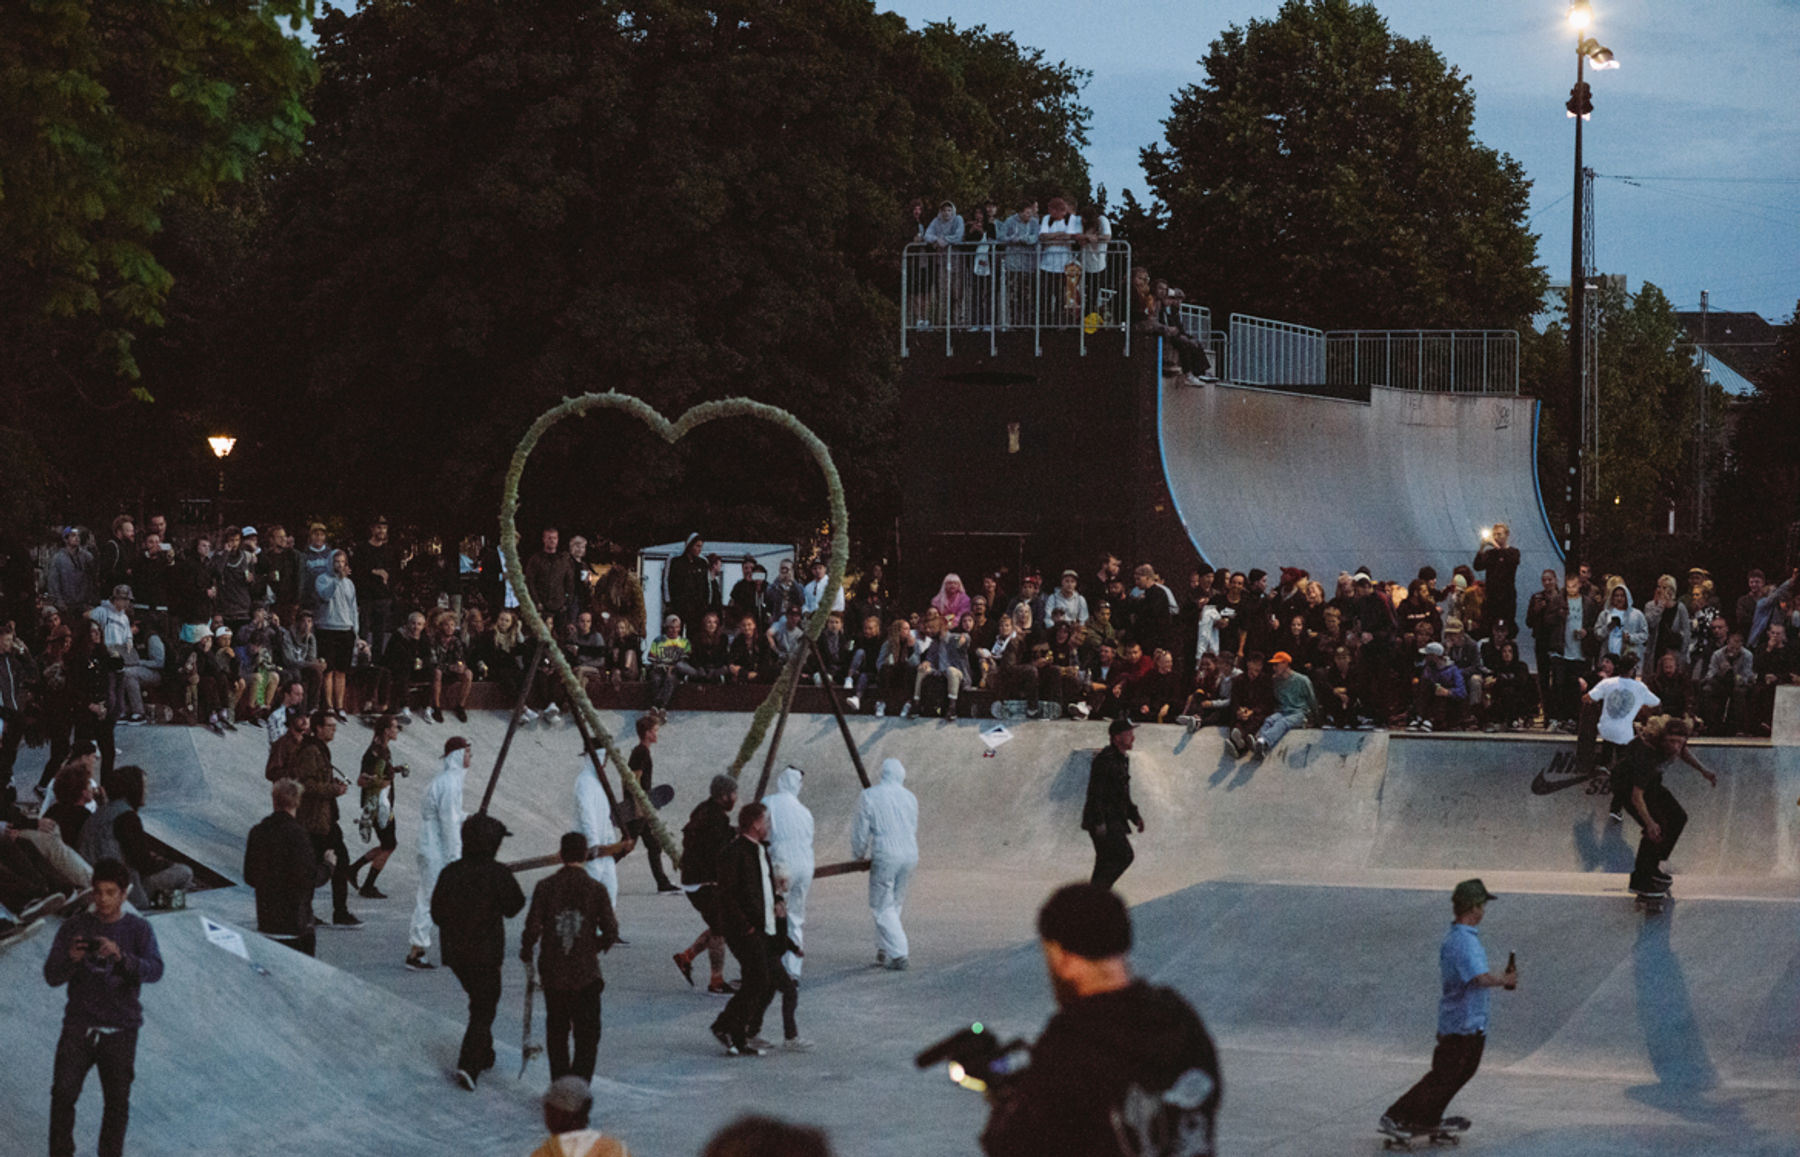 _IHC3400-Nike-SB-Copenhagen-Heart-On-Fire-Day-1-Faelledparken-July-2015-Photographer-Maksim-Kalanep